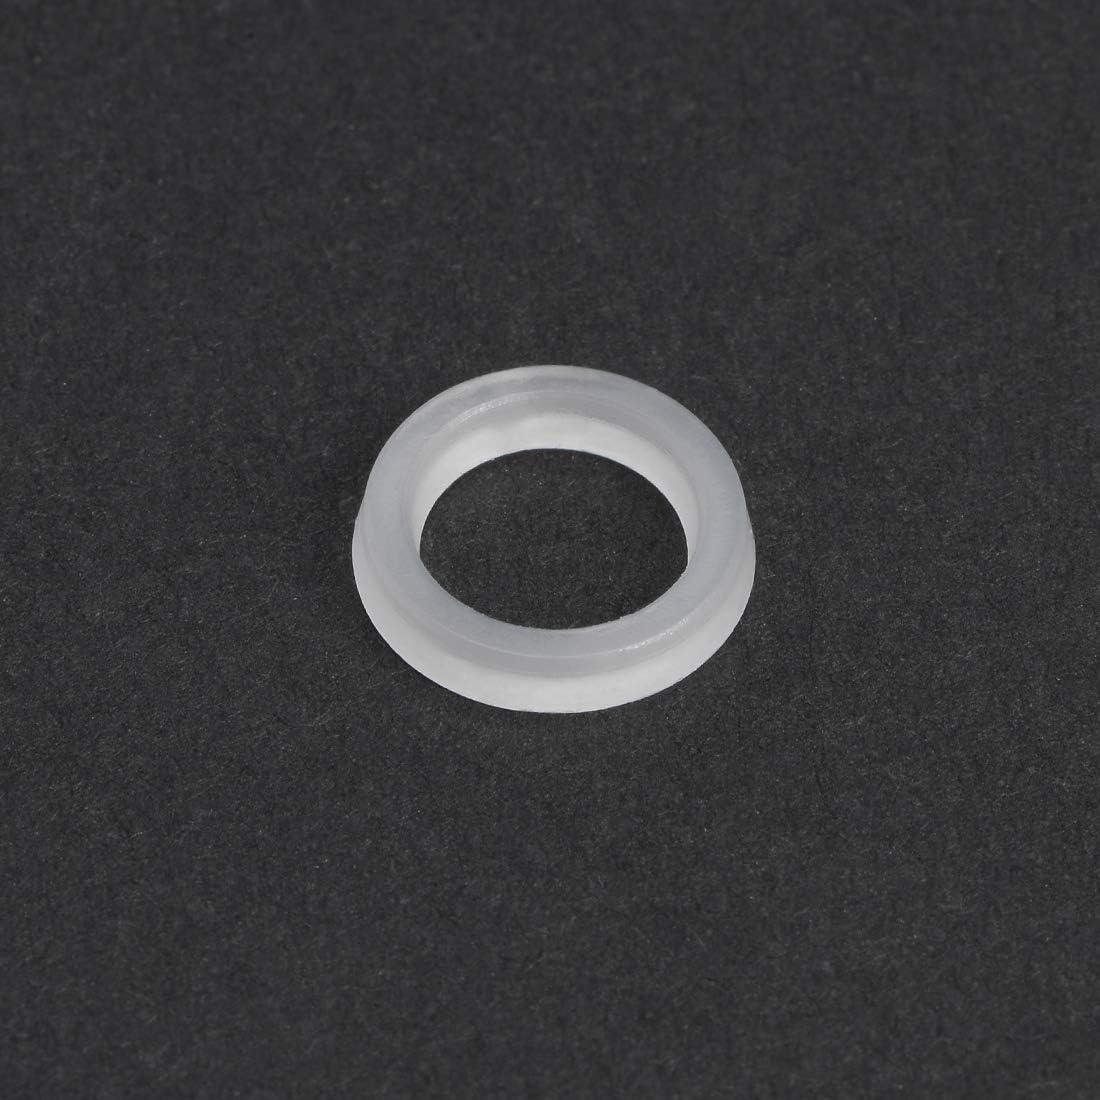 Nylon Flach Unterlegscheiben M6 Schraubenbolzen 18mm OD 0,9mm dick klar sourcing map 300Stk